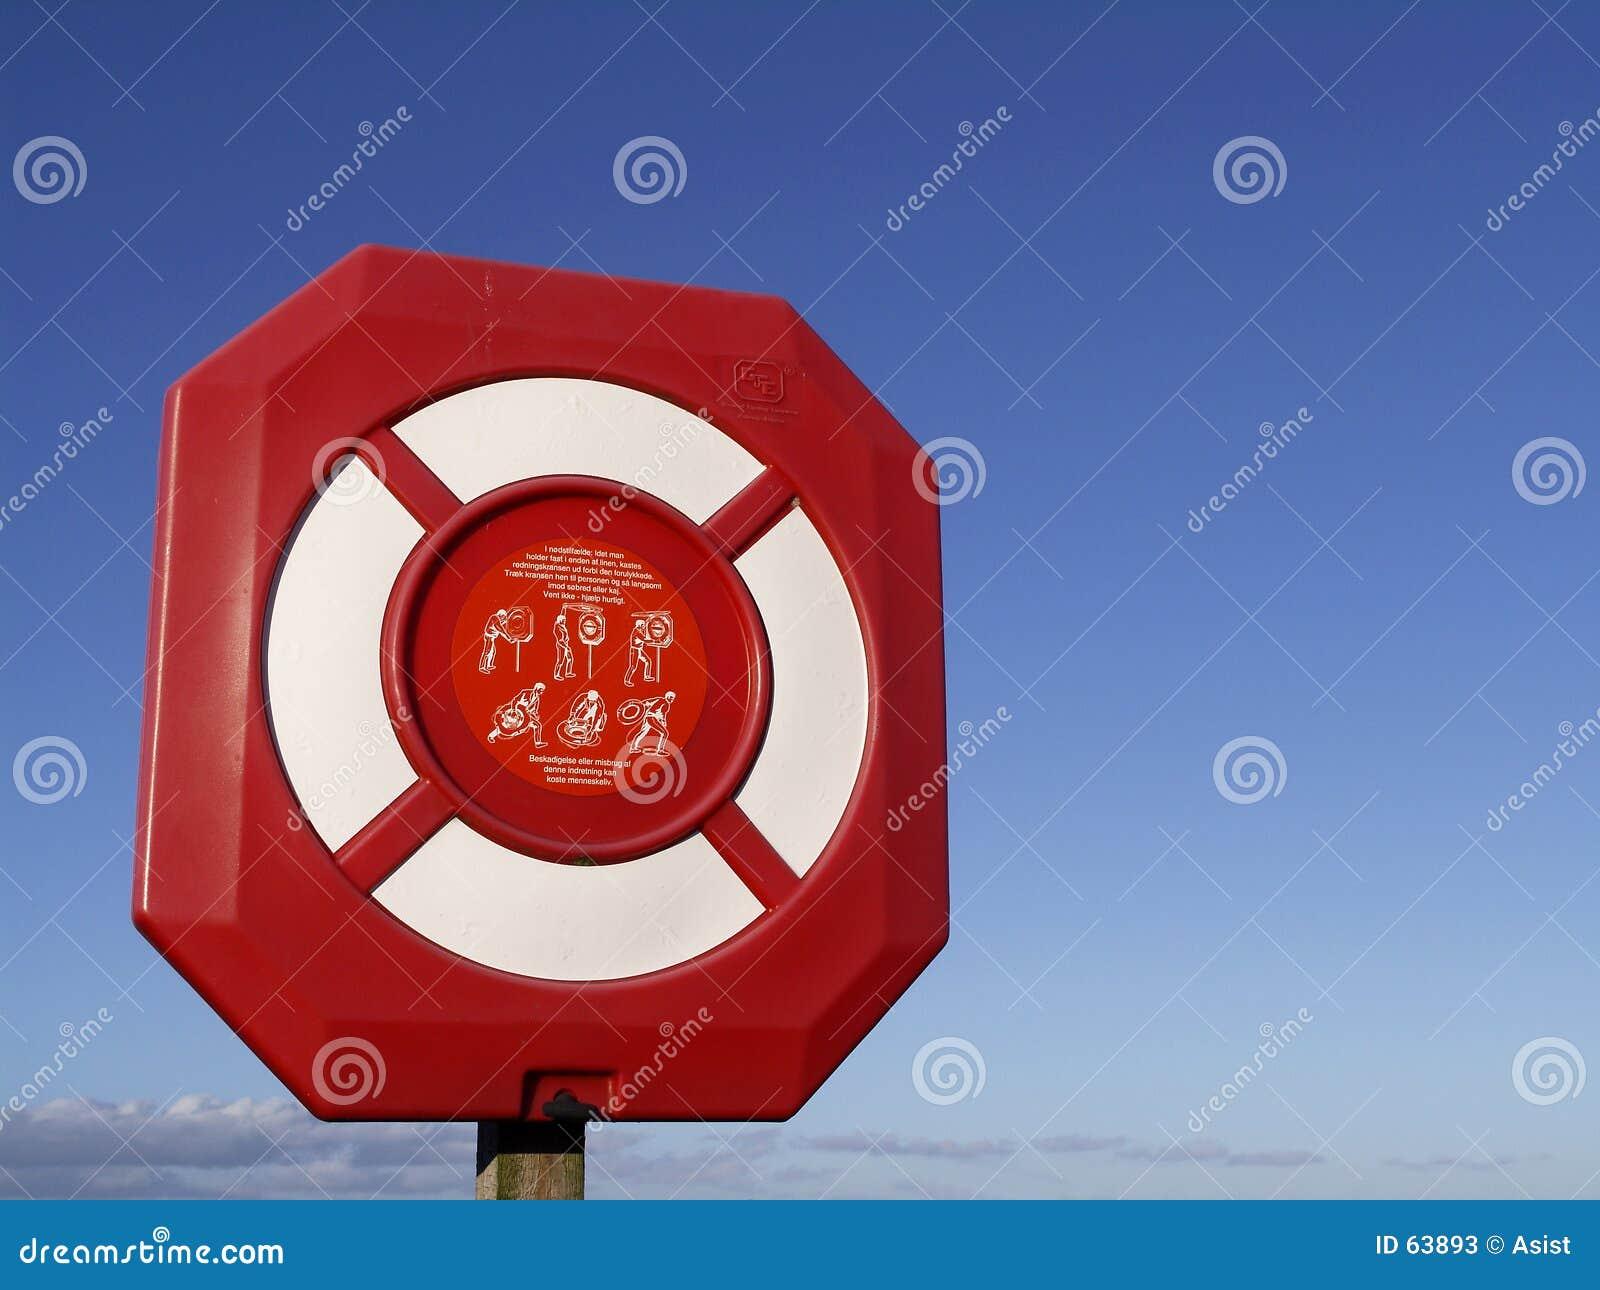 Download Poteau de sauvetage image stock. Image du durée, sauvetage - 63893